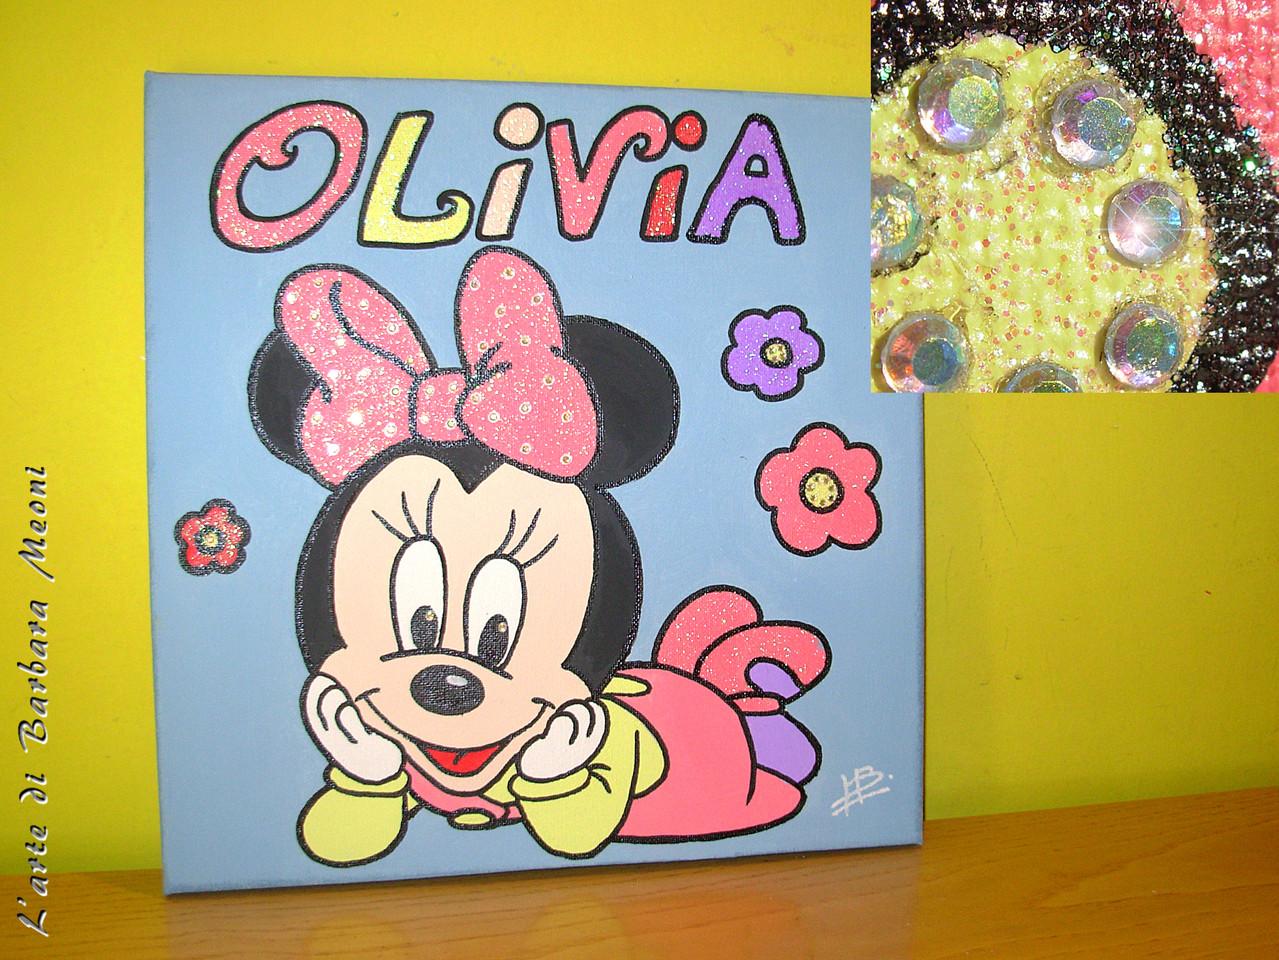 Minnie-Acrilico su tela con effetto glitter iridescente e con rifiniture in strass arcobaleno 30x30 cm